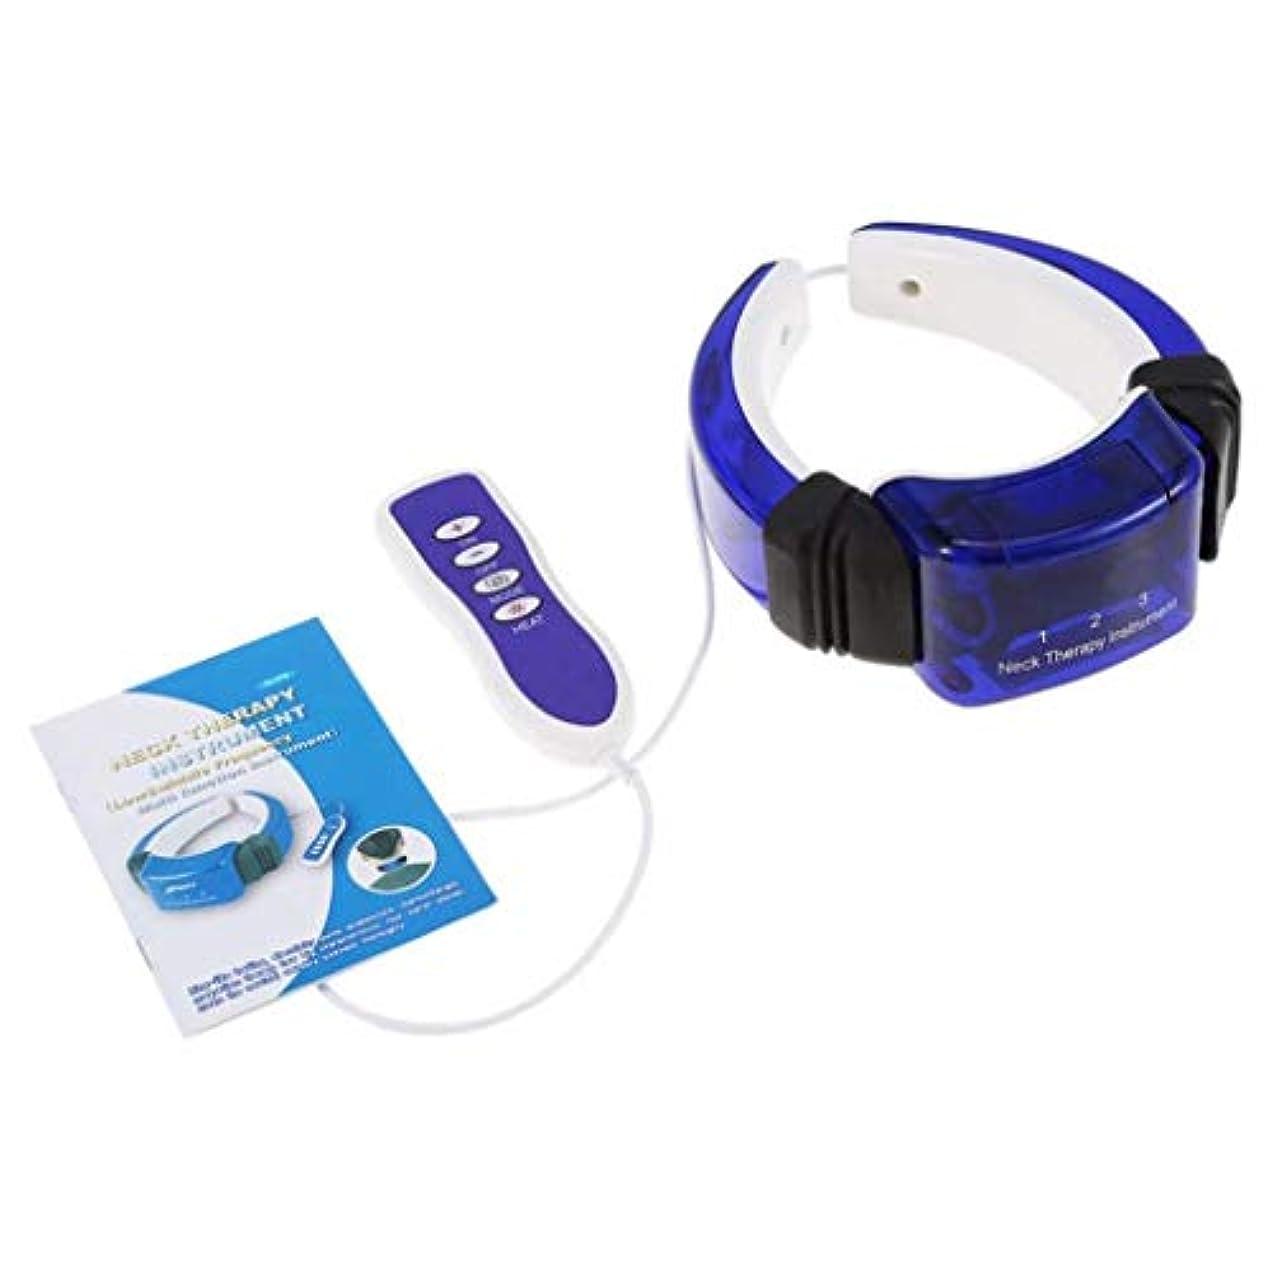 商品風味緩める子宮頸マッサージ器、電動ネックマッサージ器、経絡鍼治療機器、子宮頸理学療法機器、痛みを和らげる